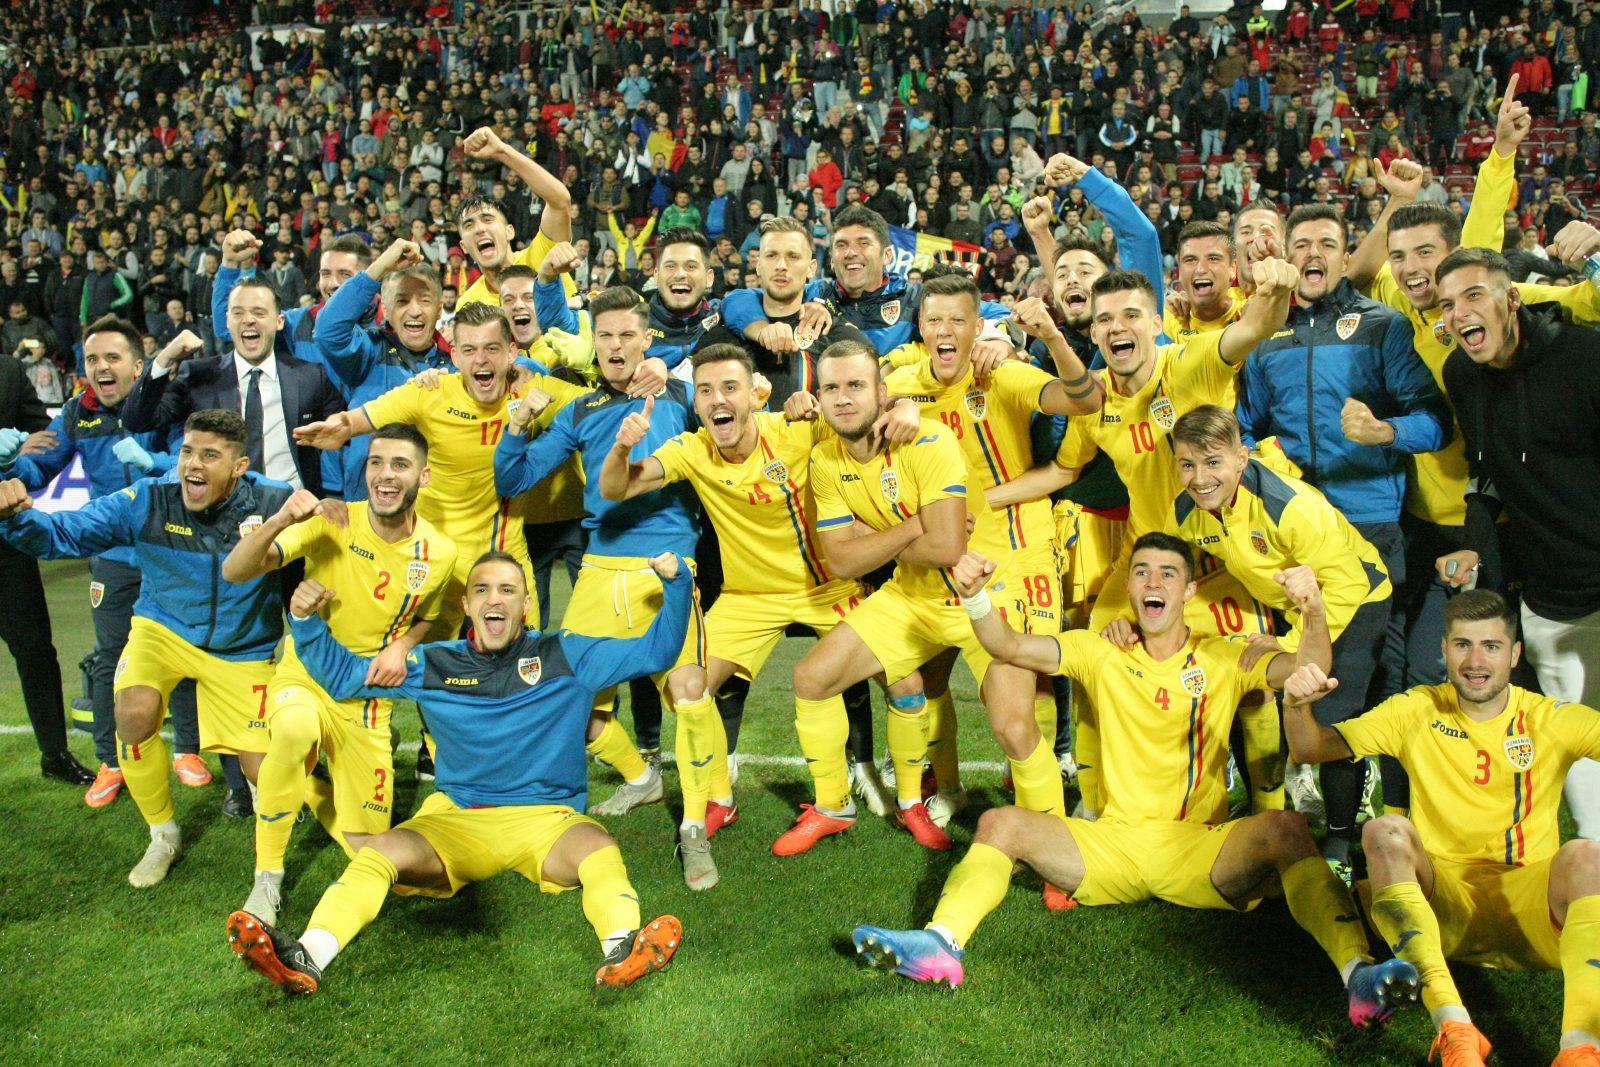 """Viitorul sună bine – Naţionala de tineret a României este la un pas de calificare după 20 ani la EURO 2019! Peste 12.000 de clujeni i-au susţinut pe """"tricolorii"""" mici în Gruia!"""